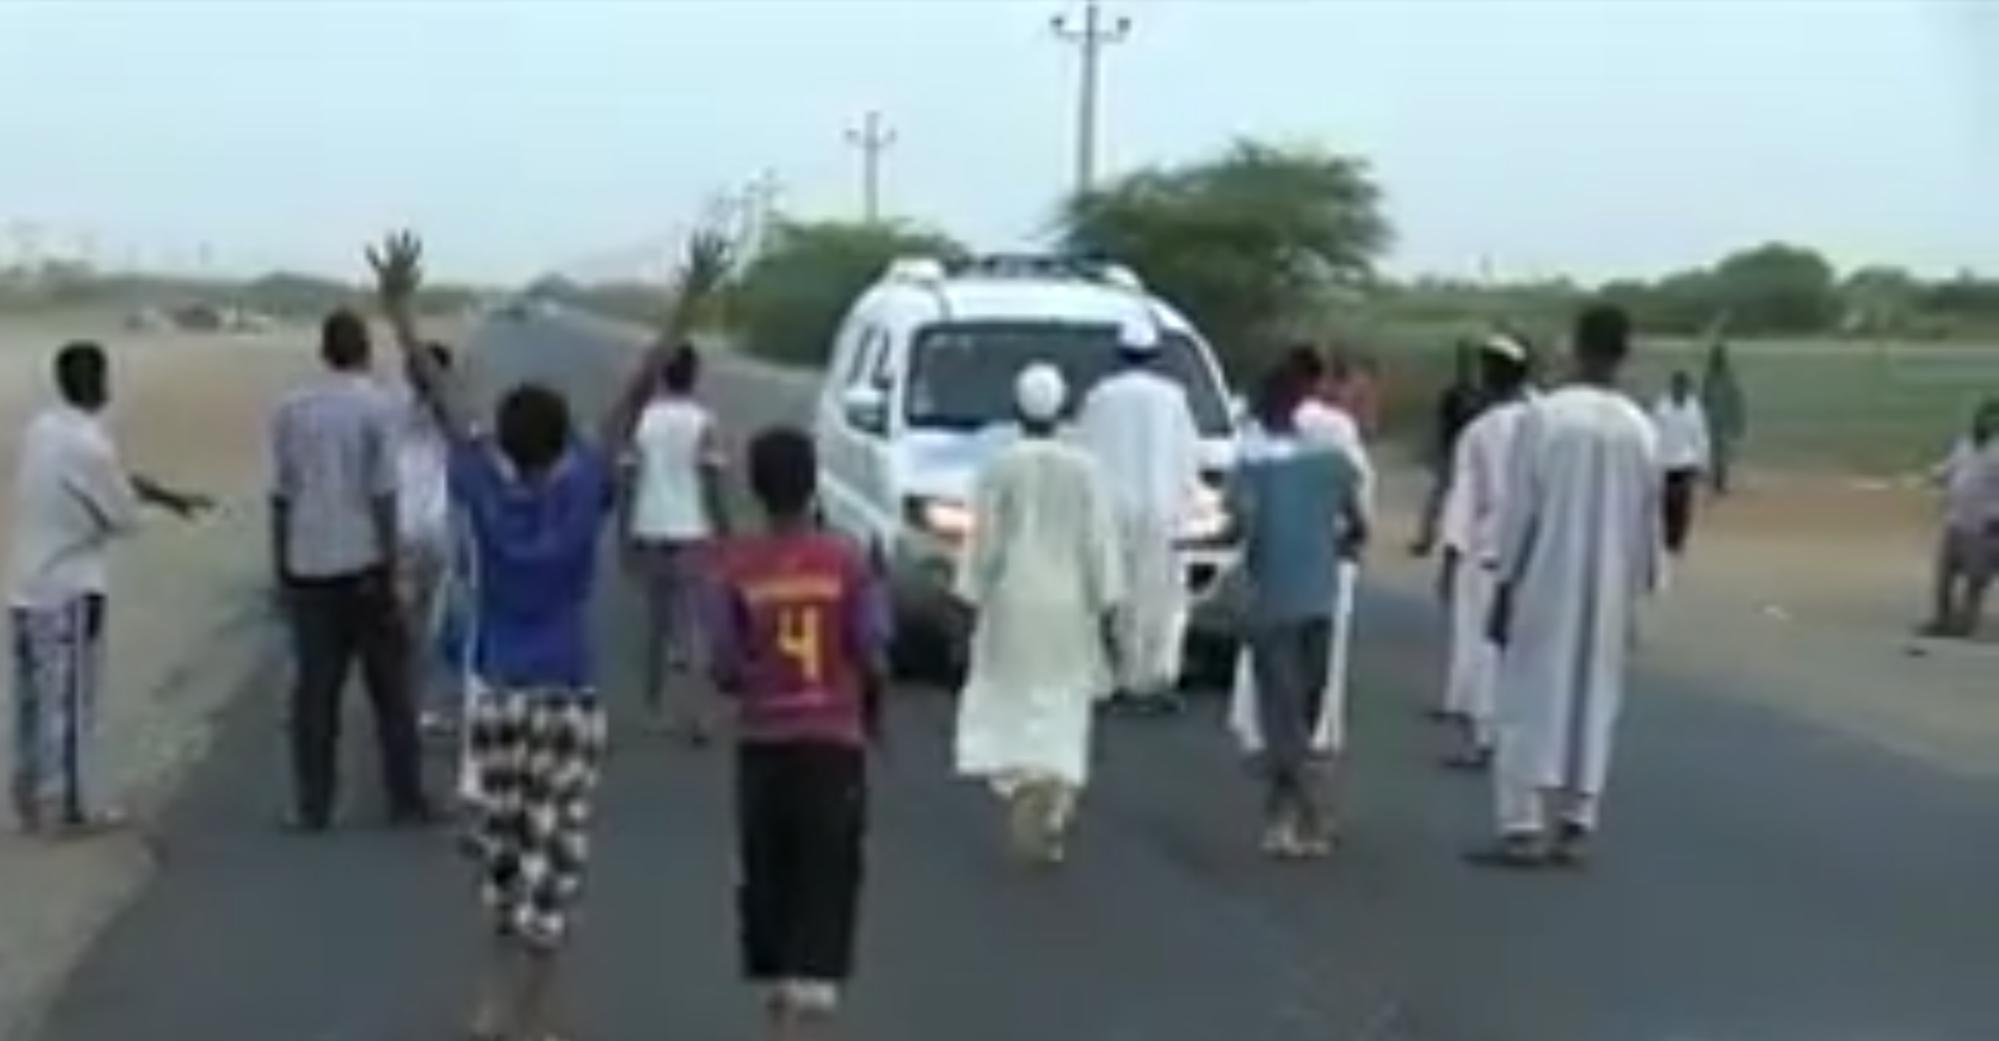 بشهر رمضان قطاع الطريق في السودان لكن من نوع اخر